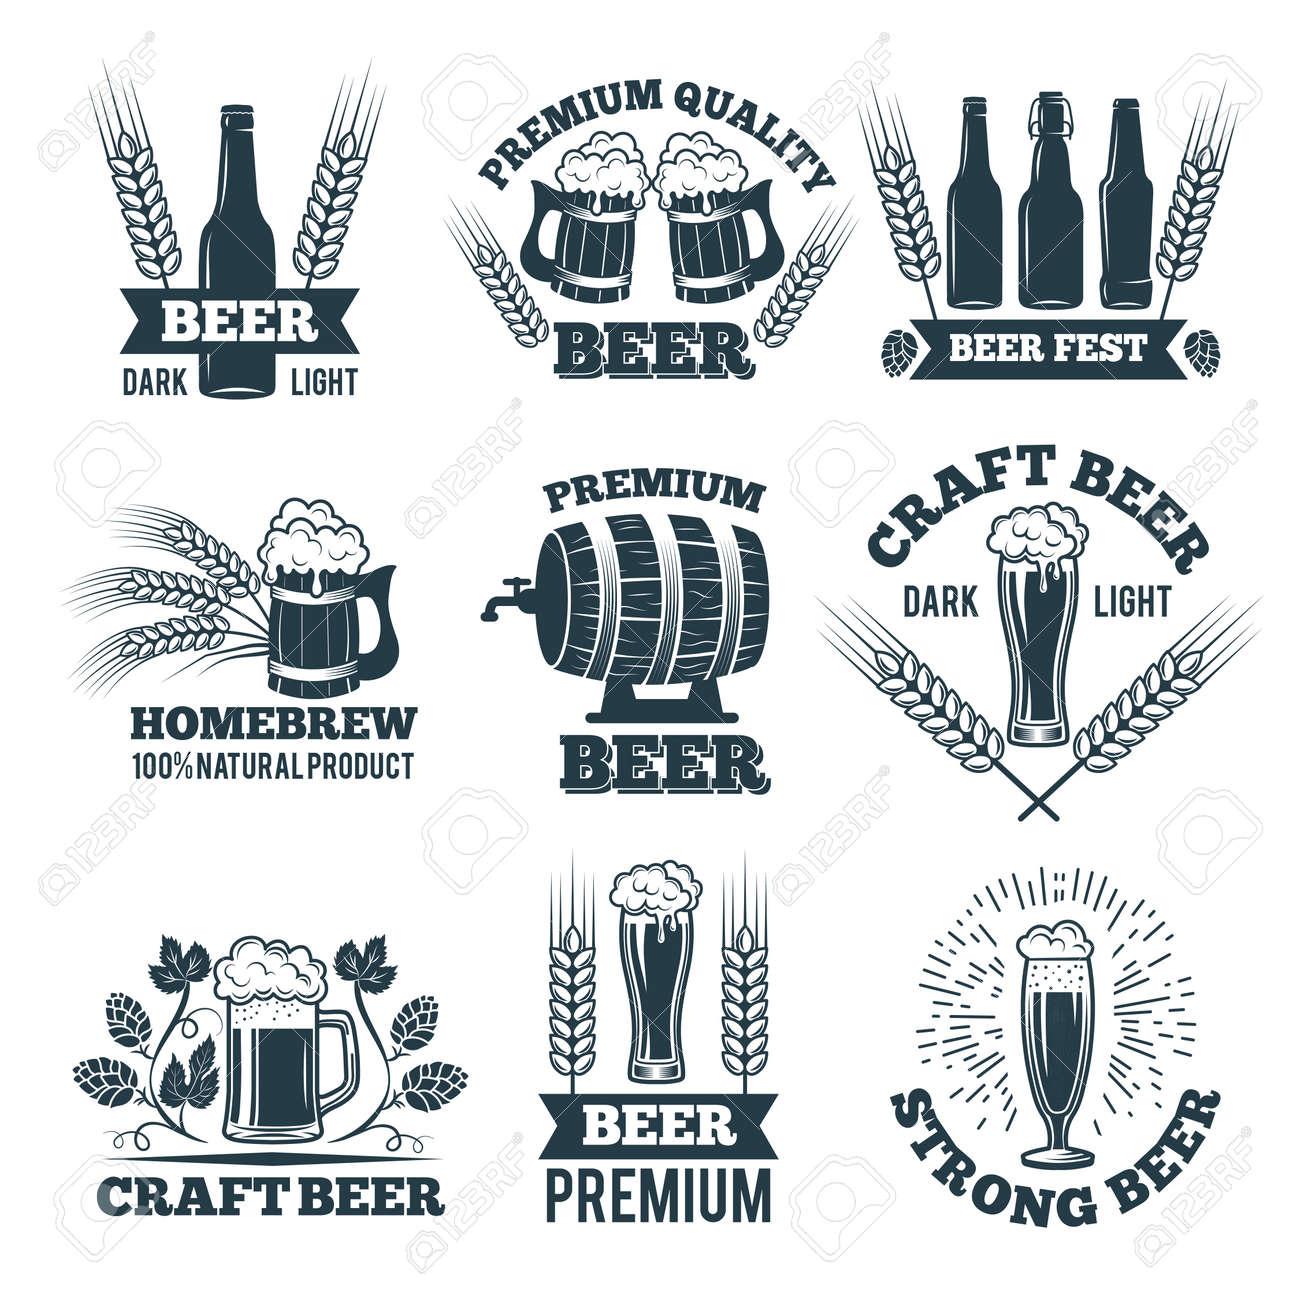 Labels or badges set of beer. Elements for emblem or logo design. Beer badge and label emblem, brewery logotype vector illustration - 166849390